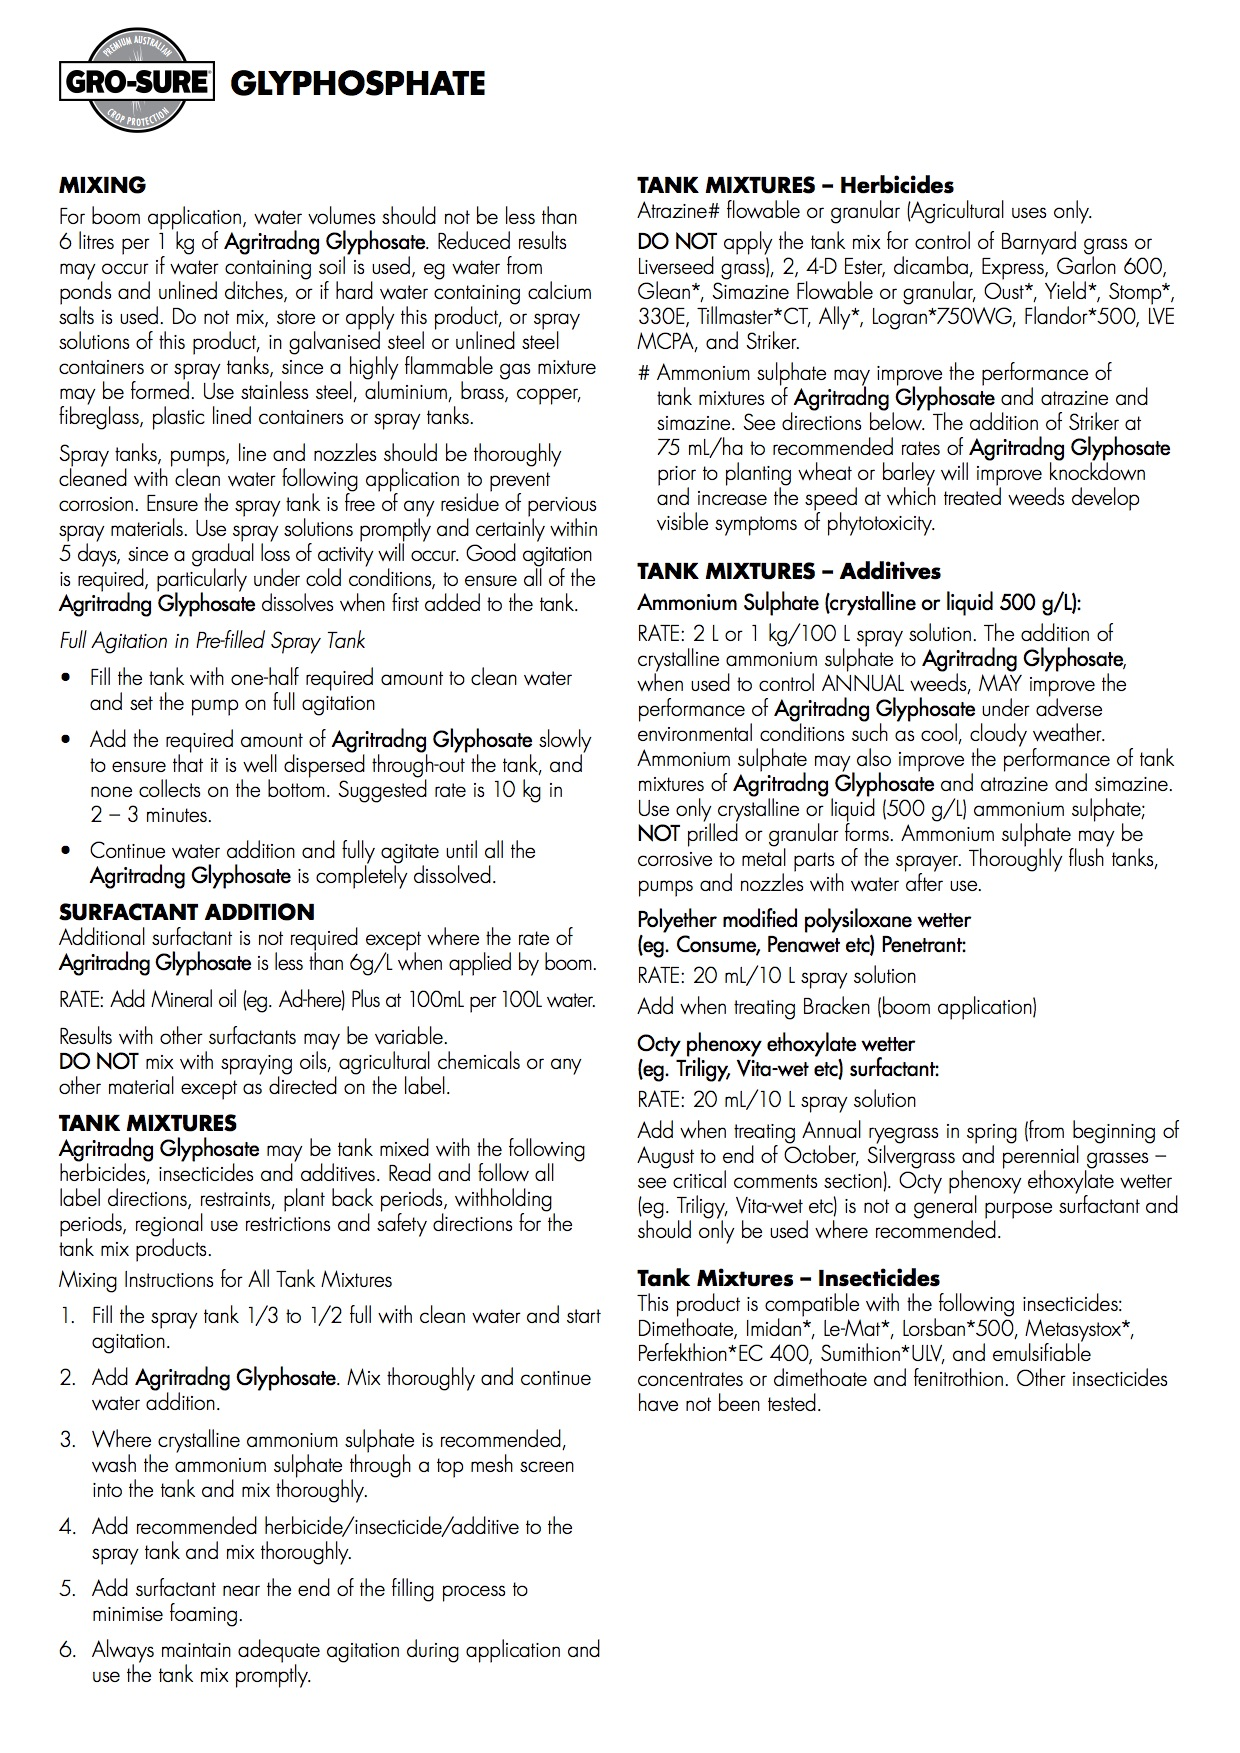 Glyphosphate 700 Web Label Page 8 copy.jpg